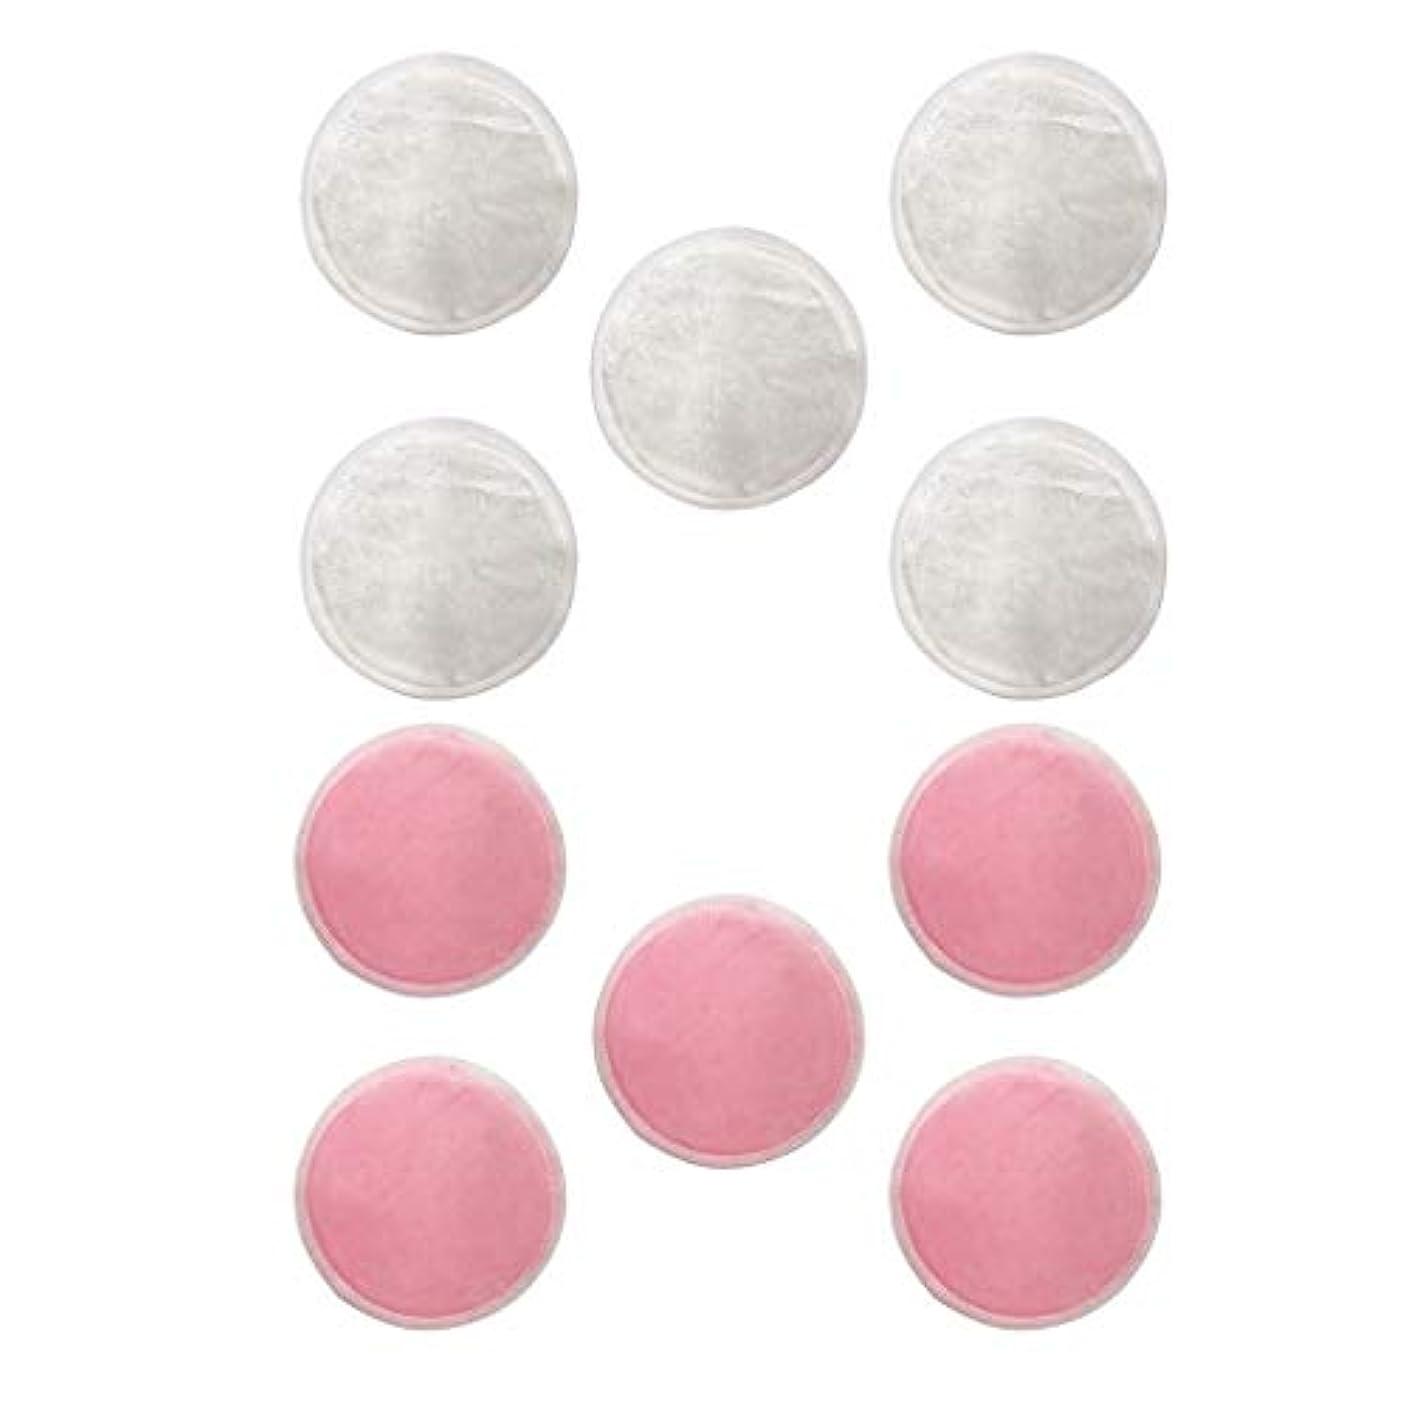 時系列乱闘マイクロフォンdailymall Natural Rounds 10 Packs-顔用の再利用可能な竹繊維メイク落としパッド-再利用可能なフェイシャルコットンラウンド